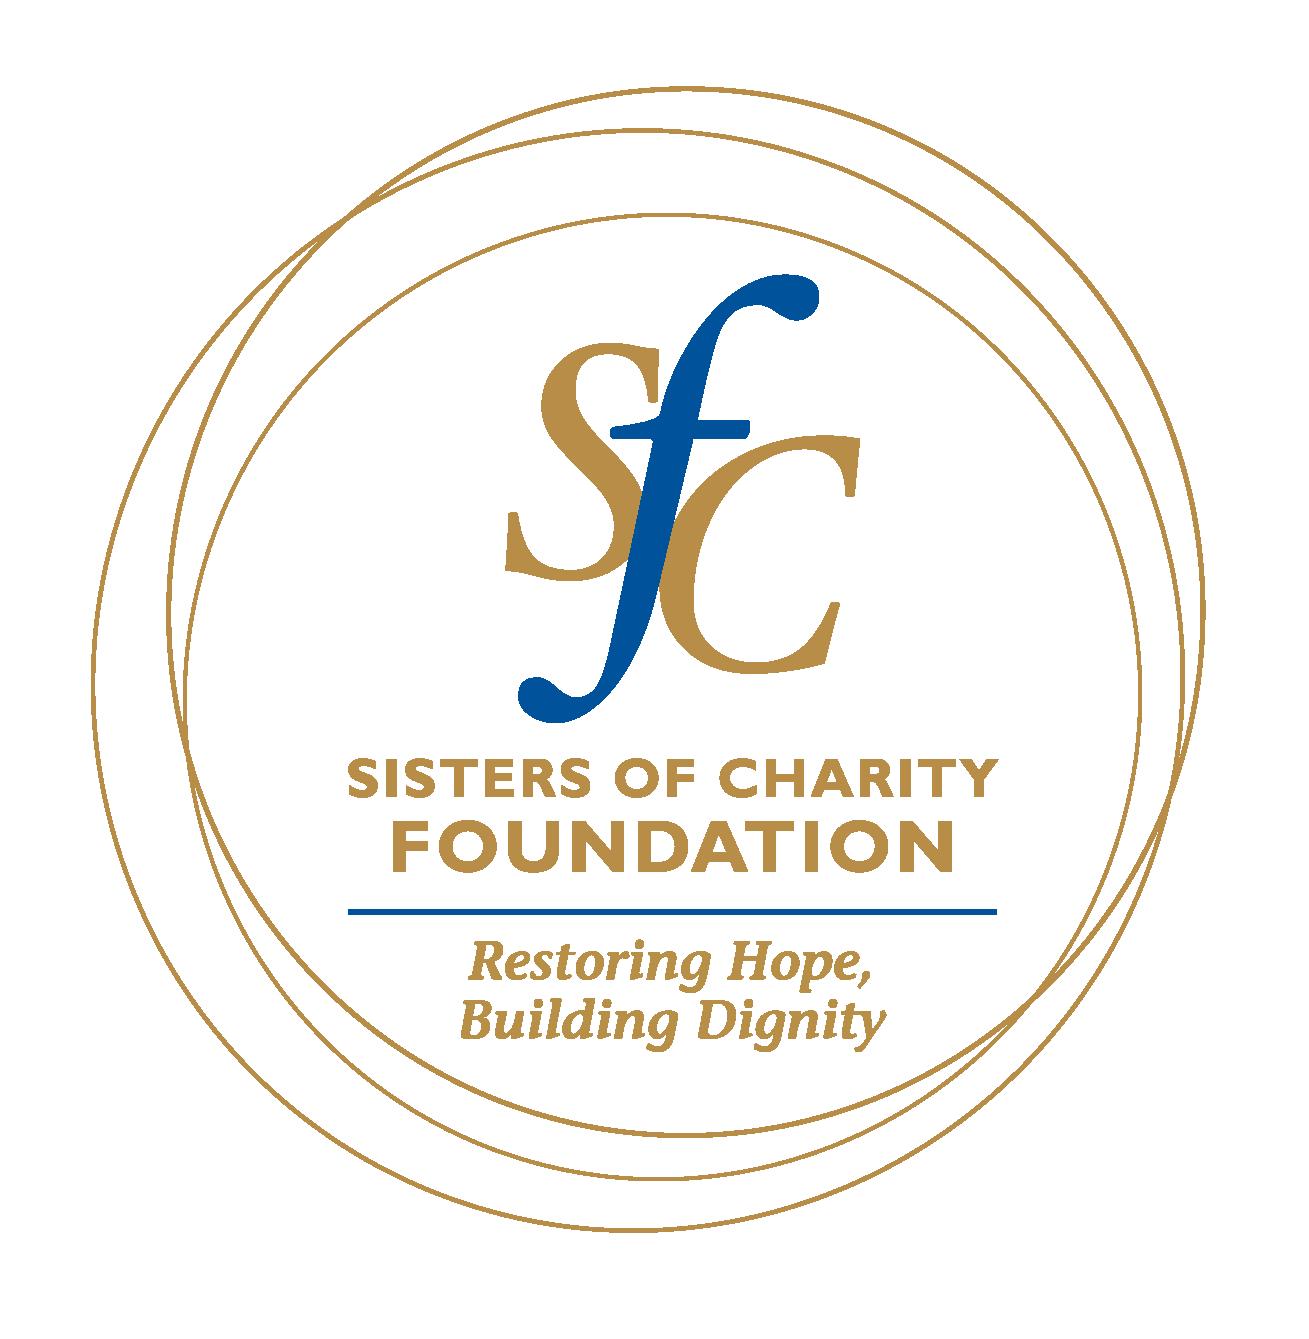 SoCF Logo High Resolution 2016 May